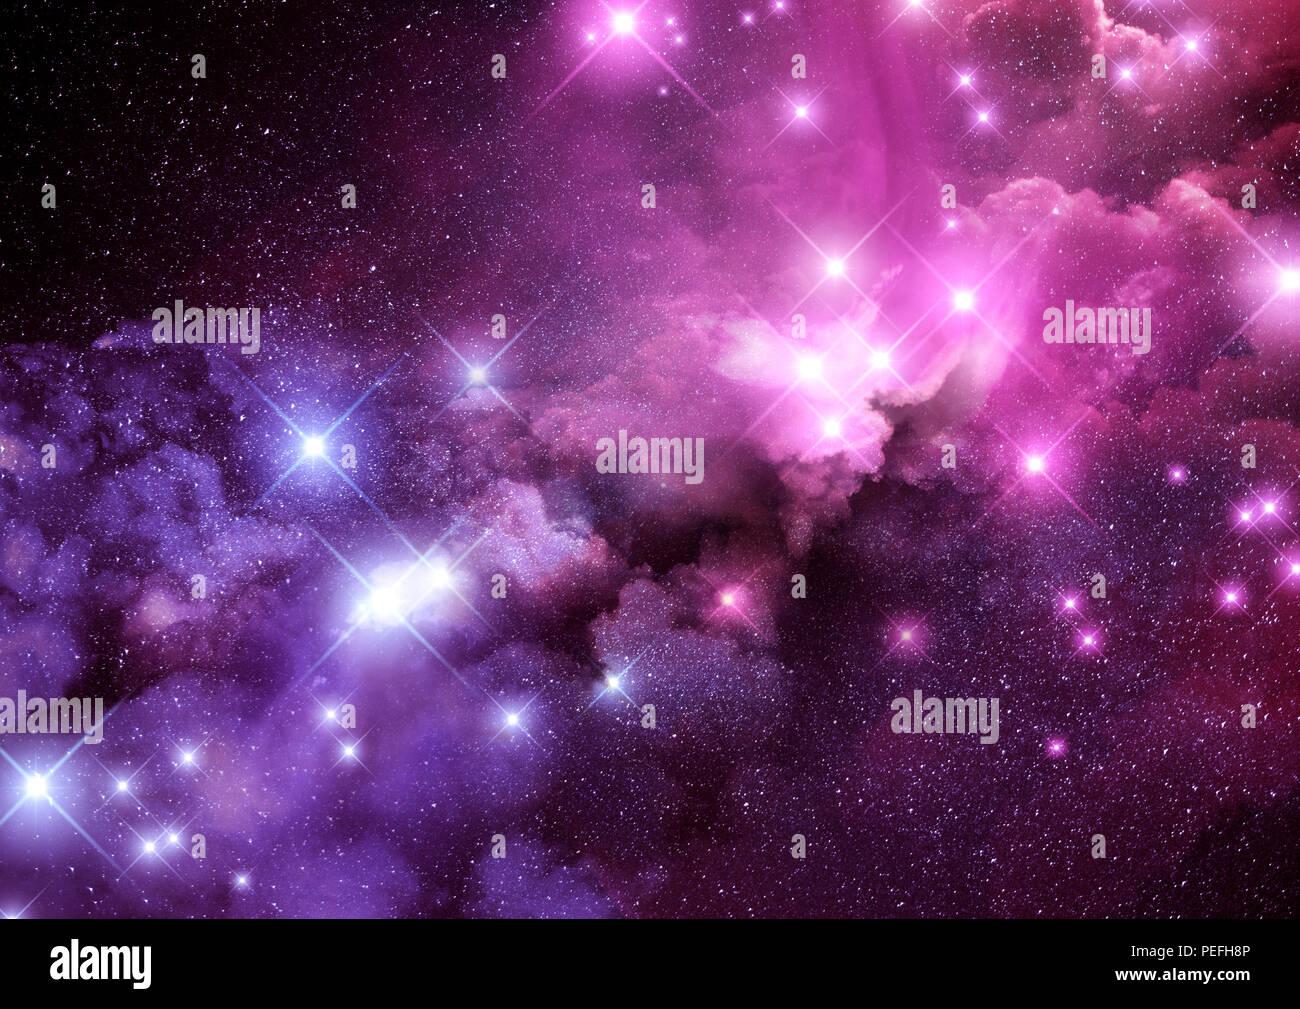 pink and purple galaxy nebula and stars background raster